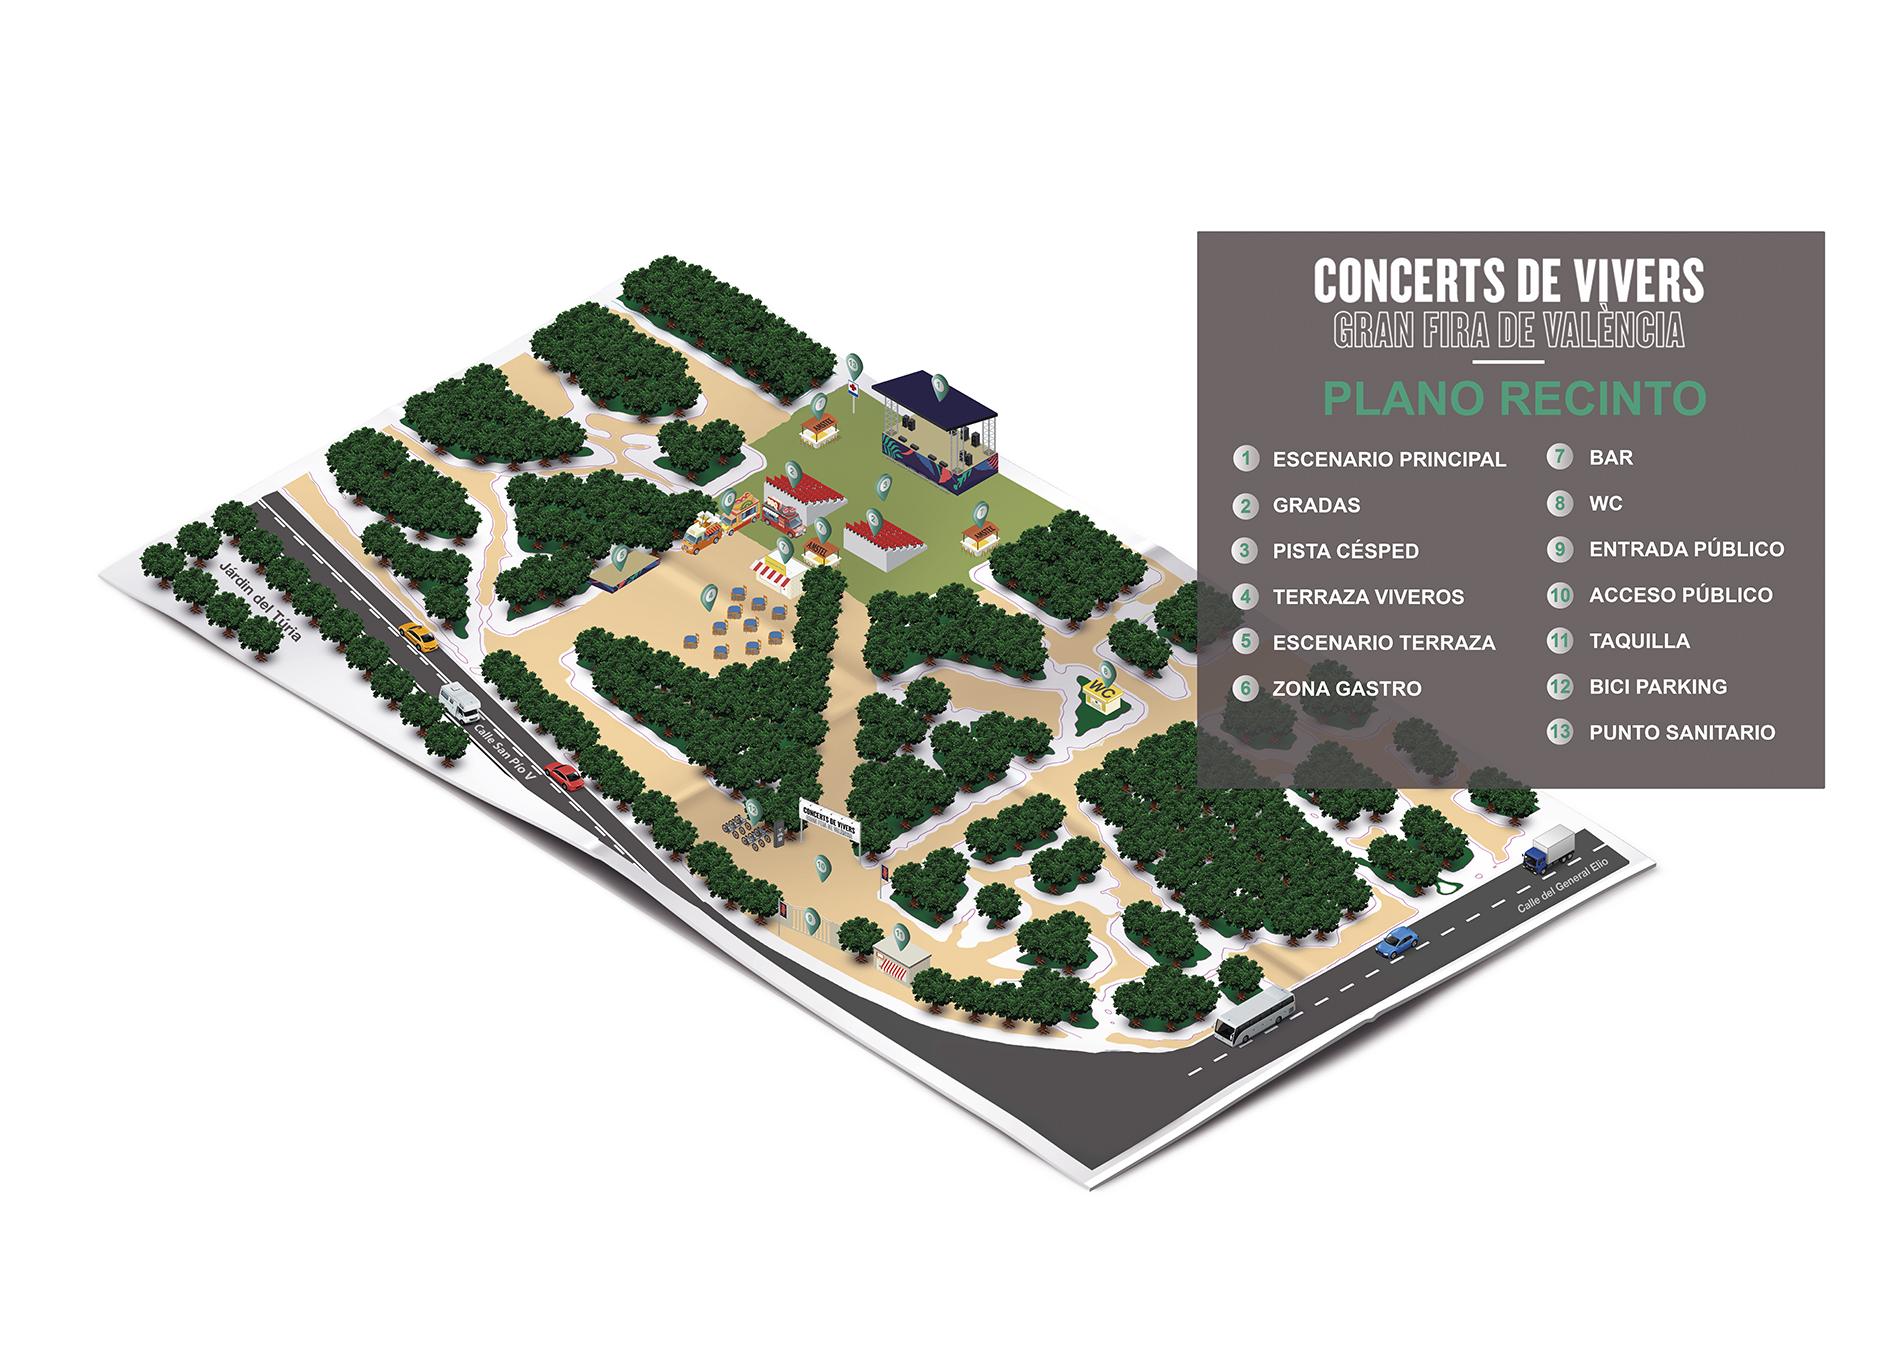 Aménagement des Jardins de Viveros pour les concerts